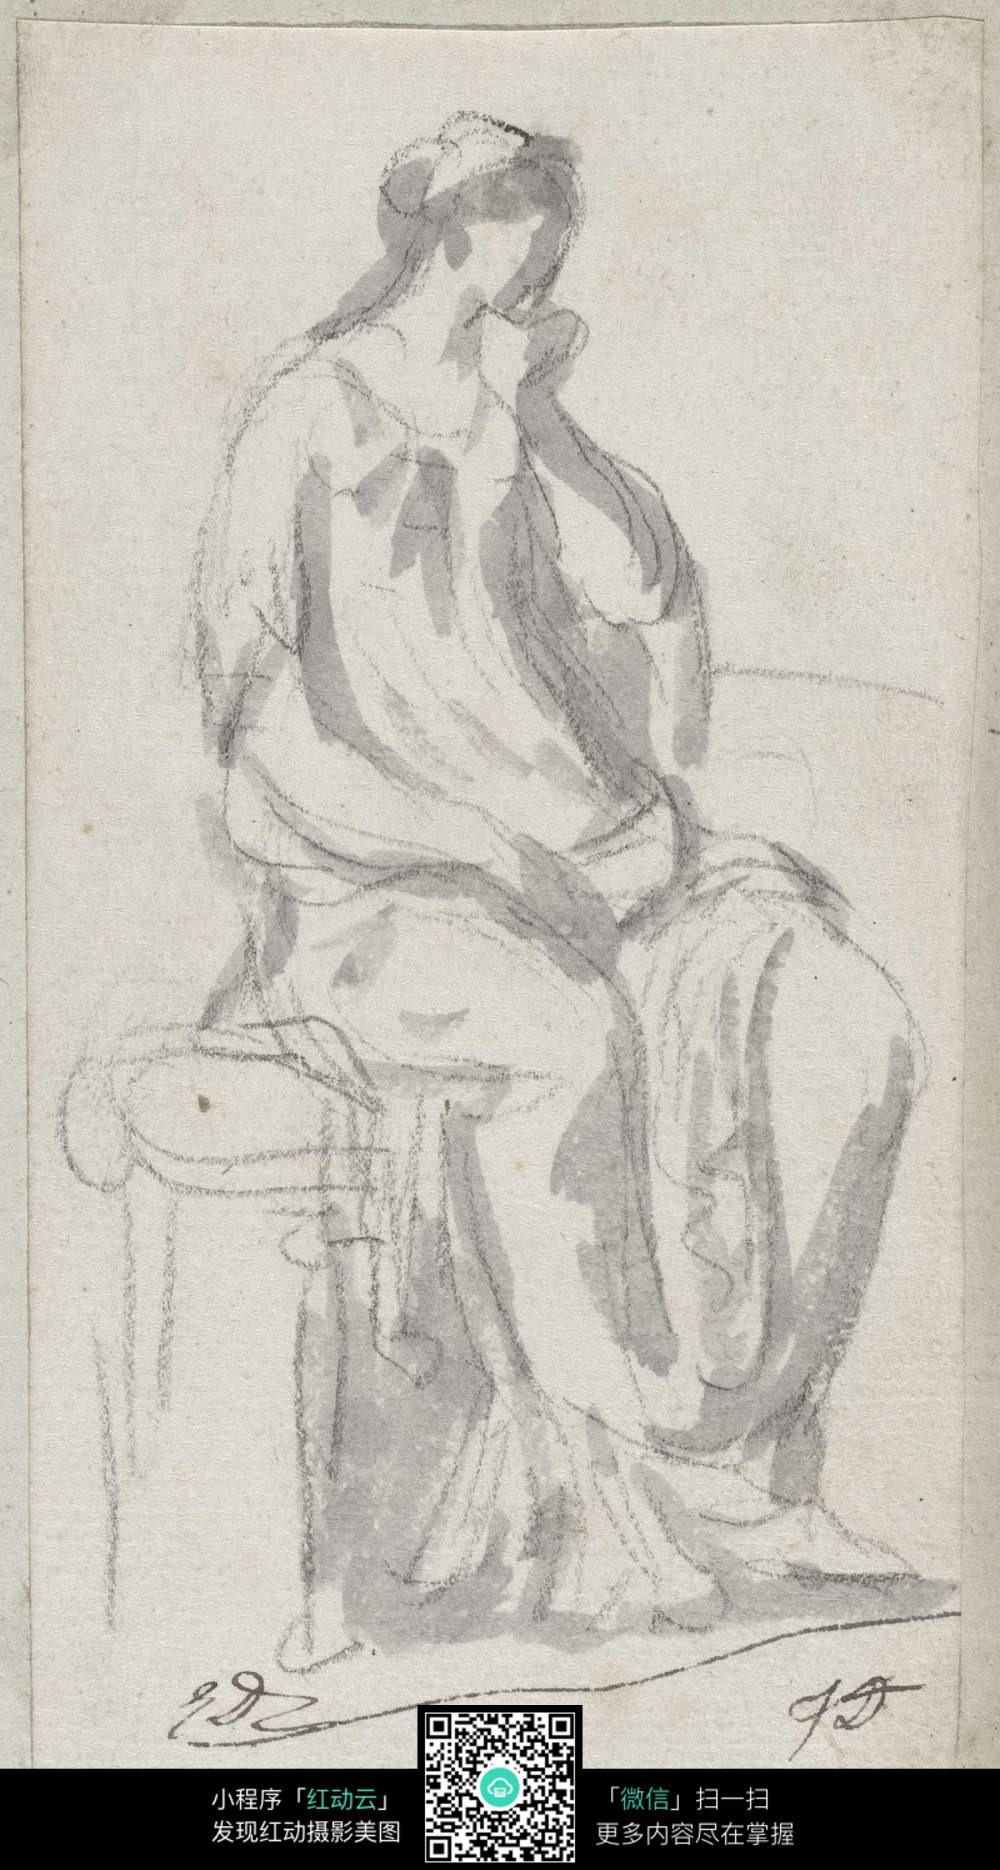 坐着的人 人物画 简笔画